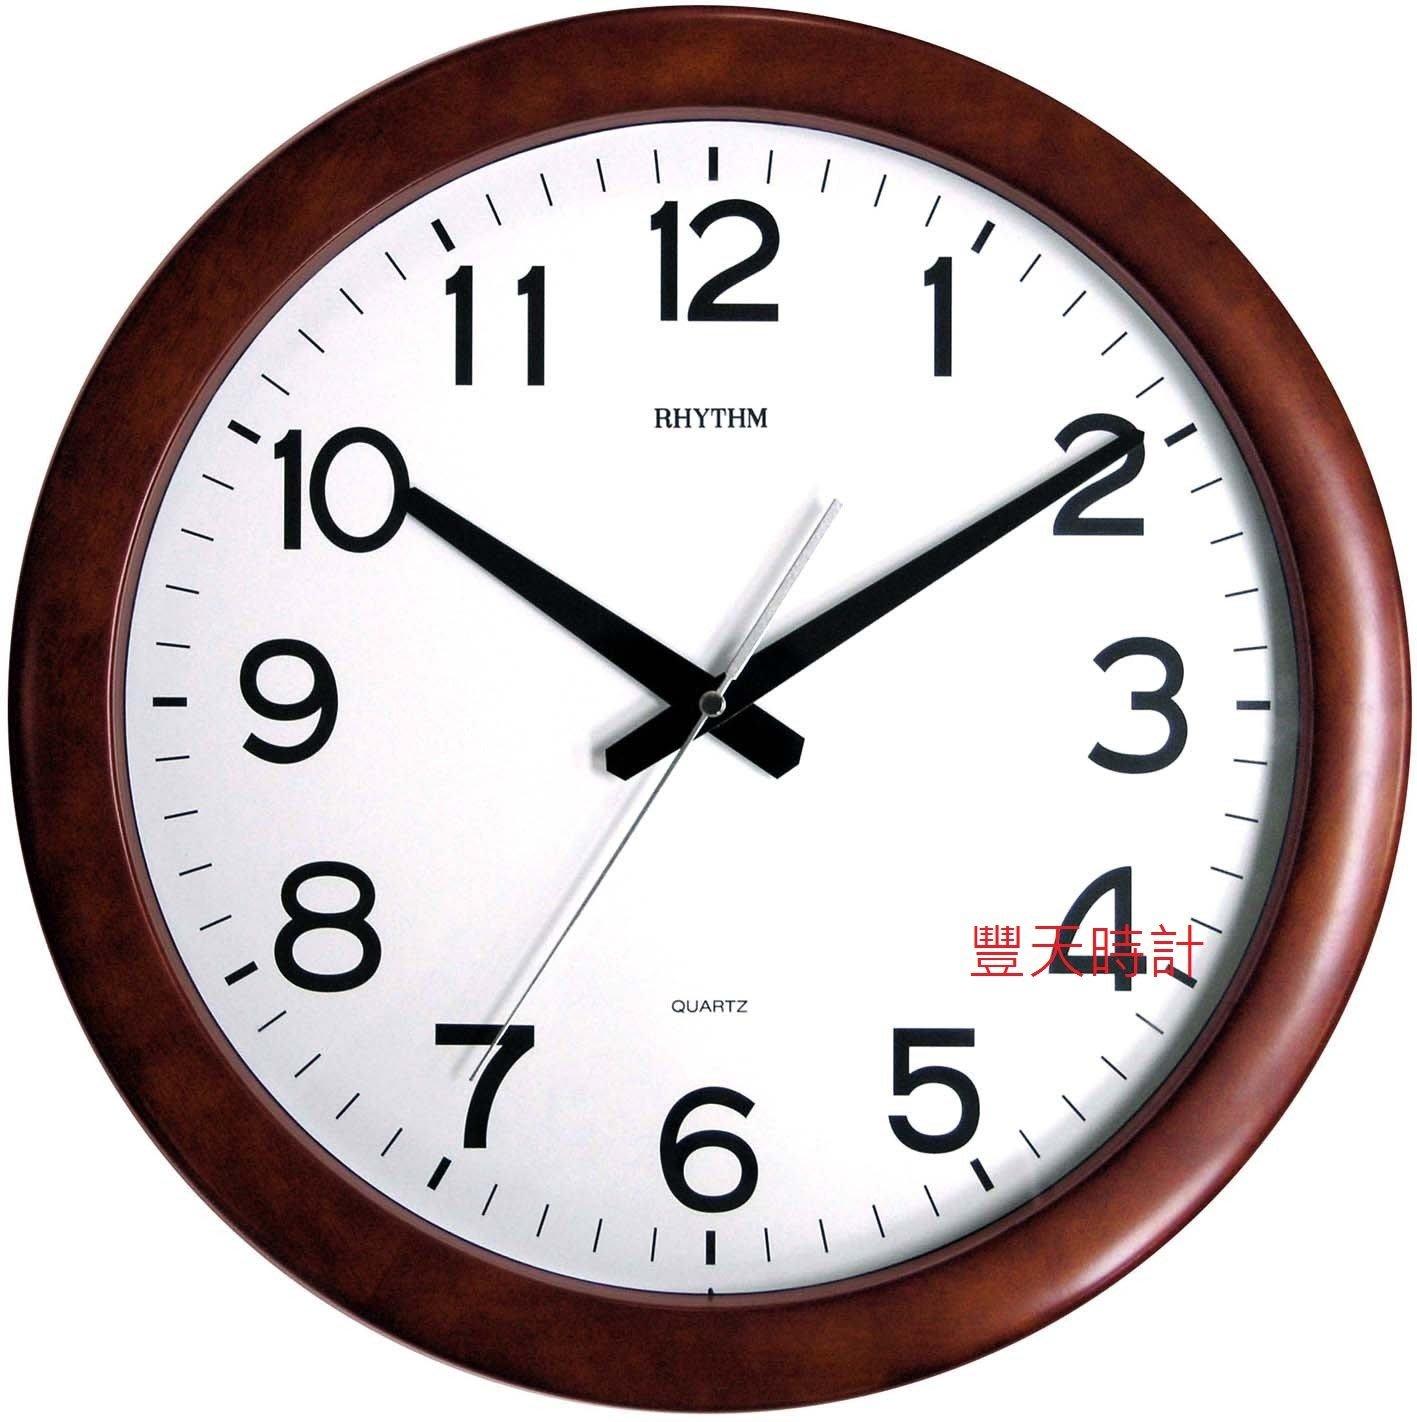 豐天時計【RHYTHM】日本 麗聲 RHYTHM 標準型 木框 靜音 時鐘 掛鐘 CMG919  CMG919NR06